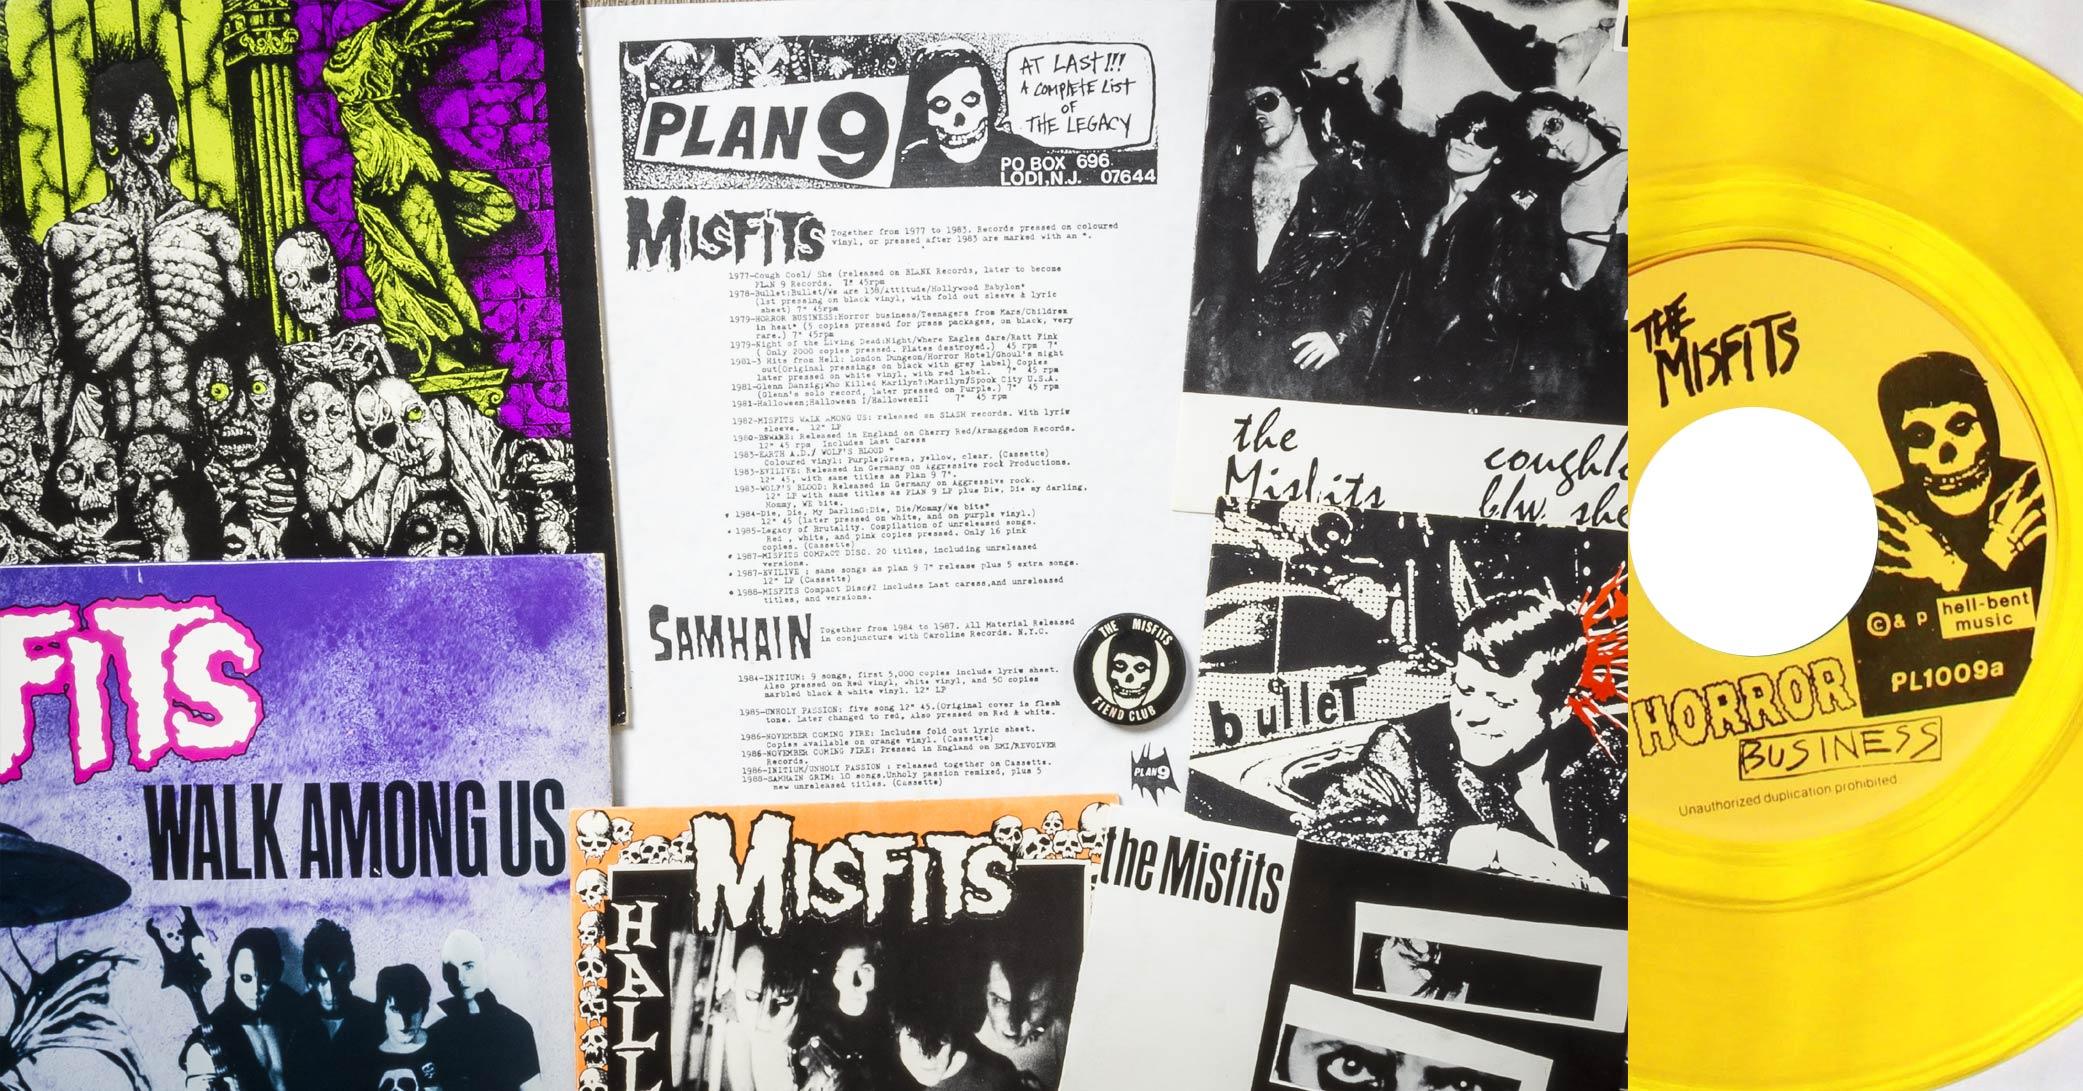 misfits-vinyl-01.jpg